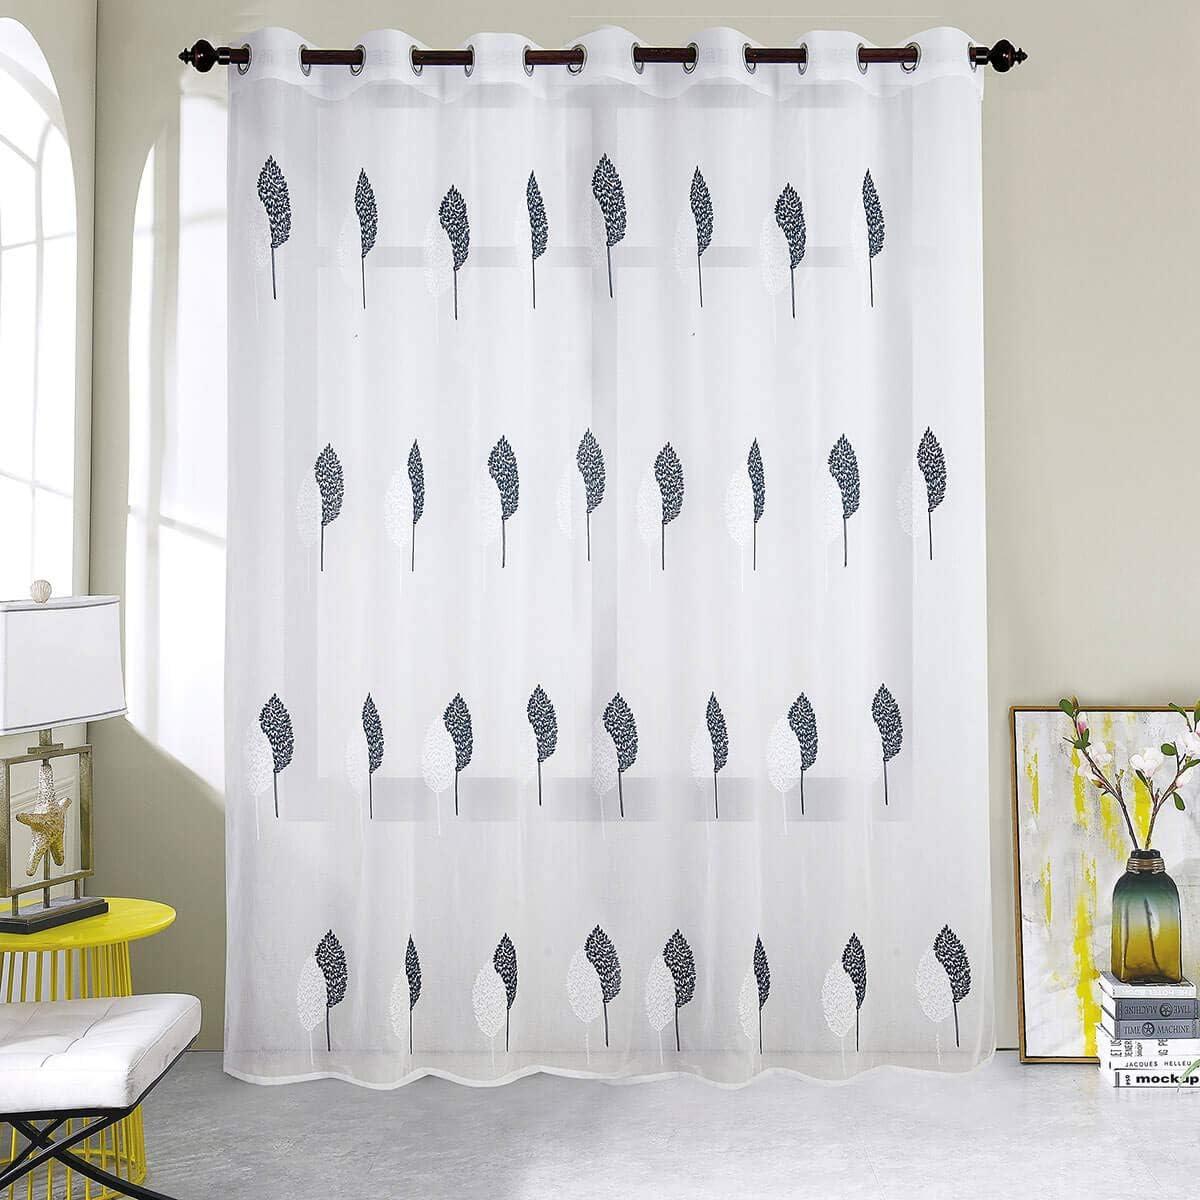 300x240cm Noir Dimensions Best Interior Voilage Grande Largeur Feuille